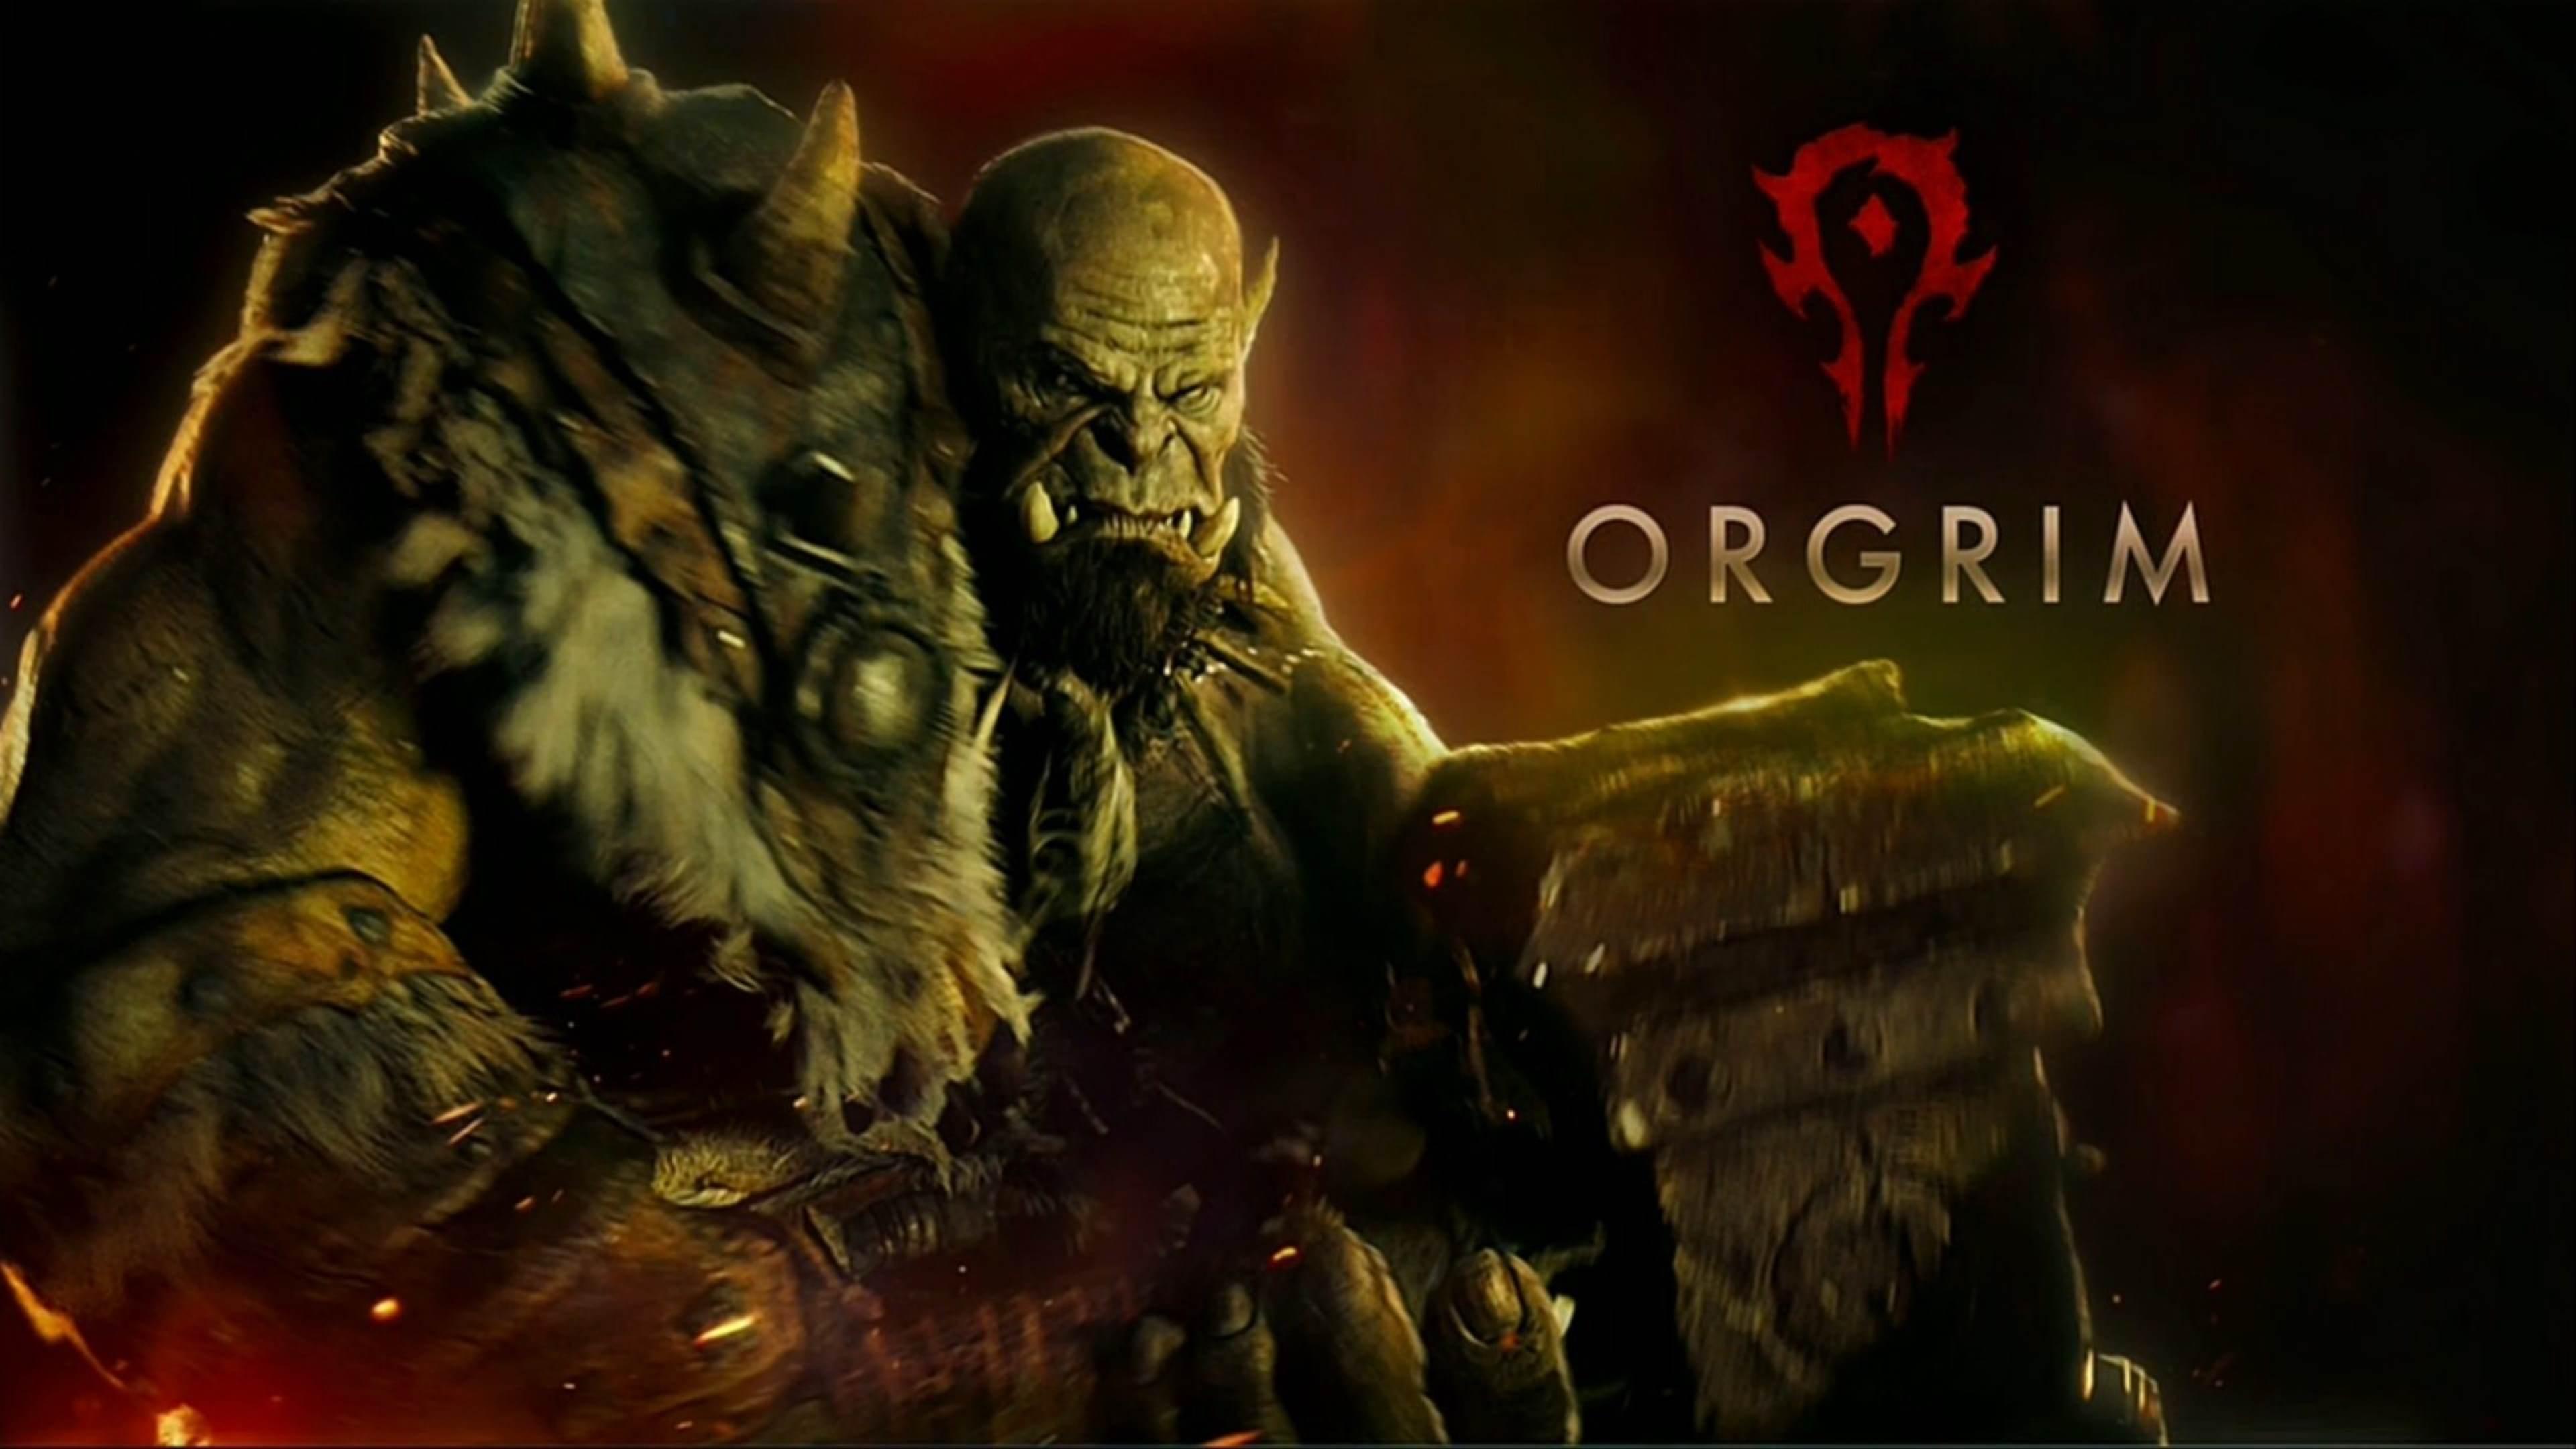 Release Date Warcraft Movie 4K Wallpaper | Free 4K Wallpaper